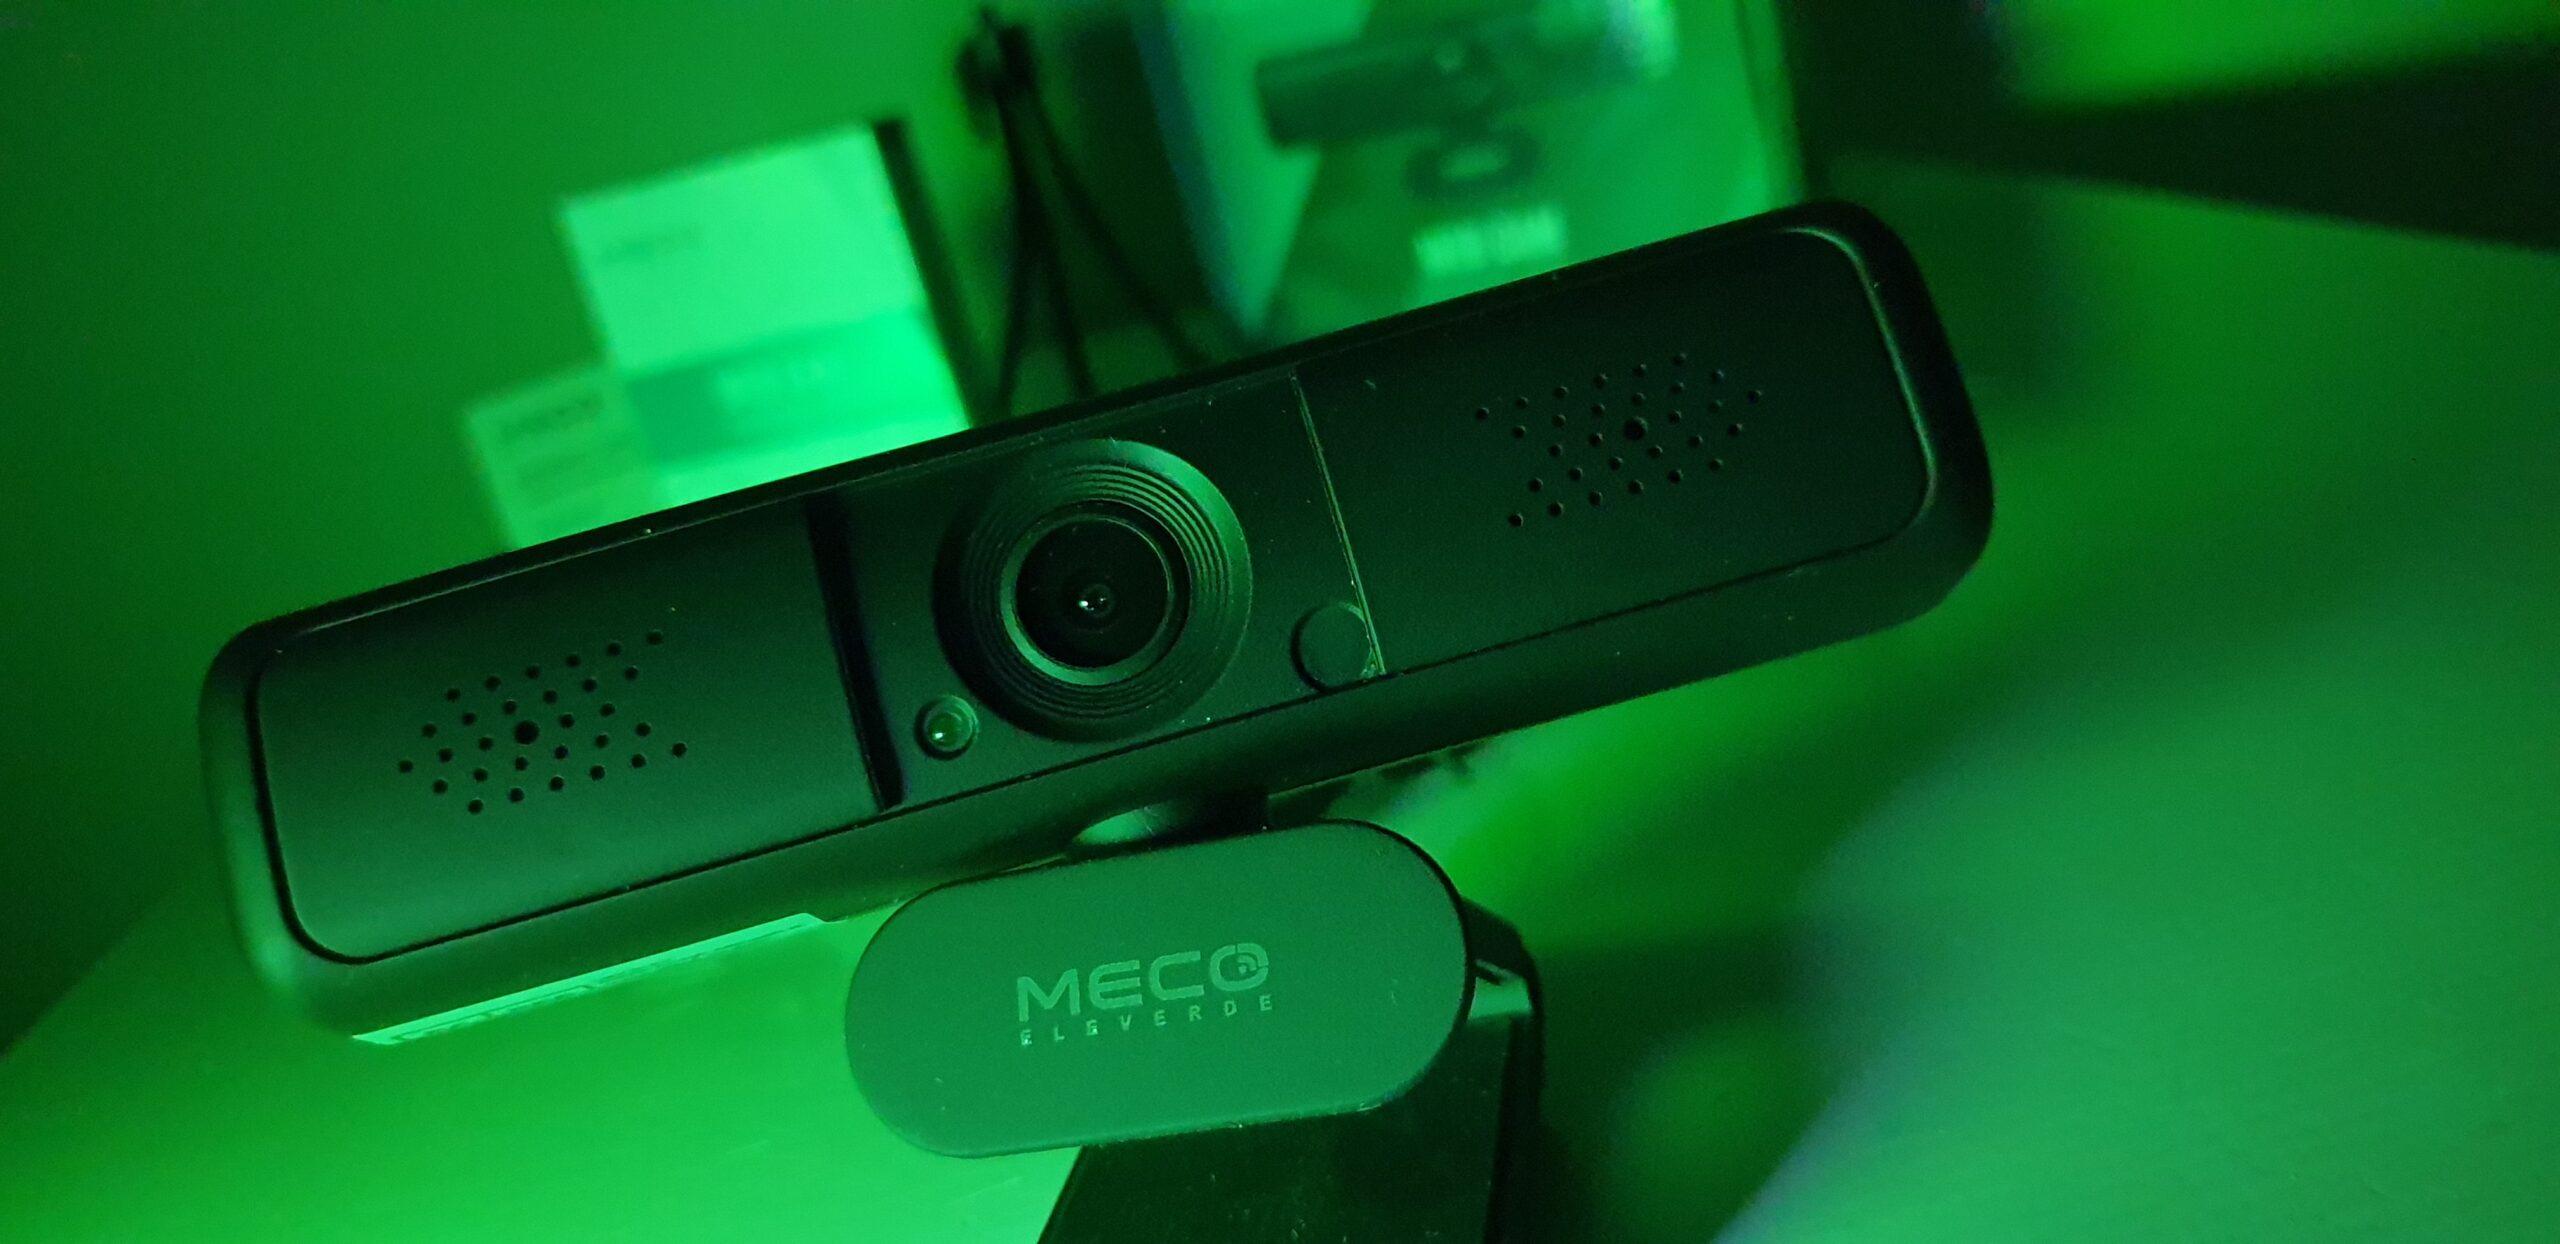 WebCam Meco